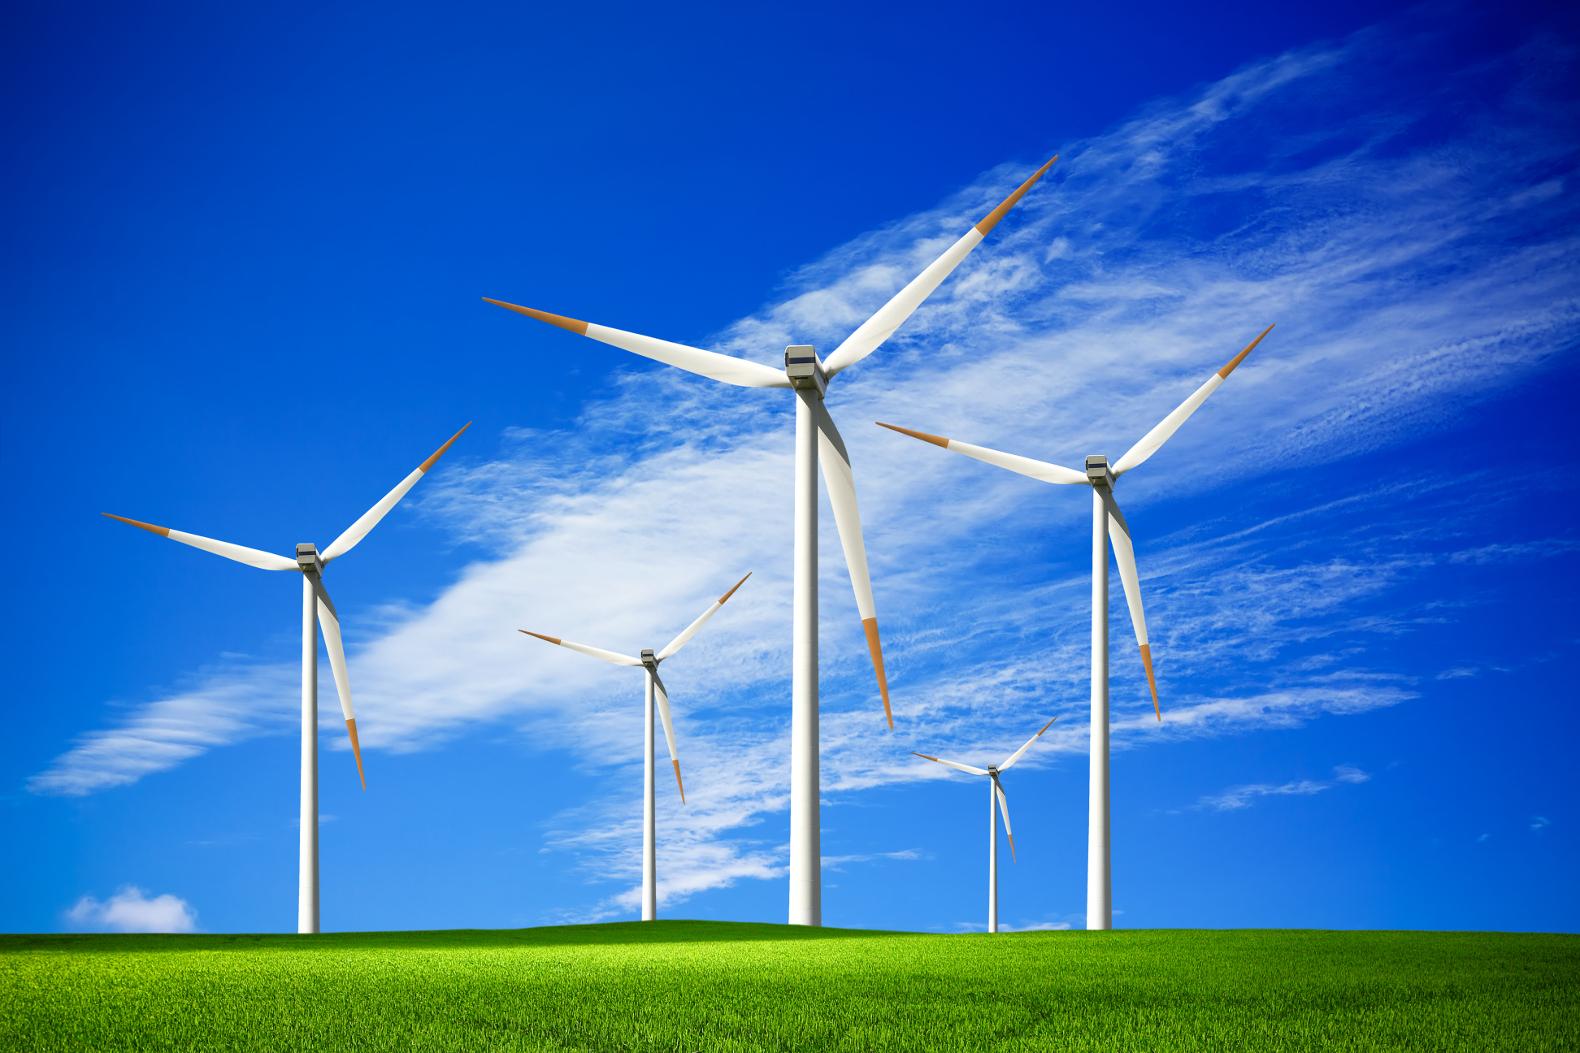 jaderná energie - Společnost Scottish Power tvrdí, že Spojené království bude muset zvýšit instalovanou kapacitu - Životní prostředí (Norway Wind Energy Farm) 2